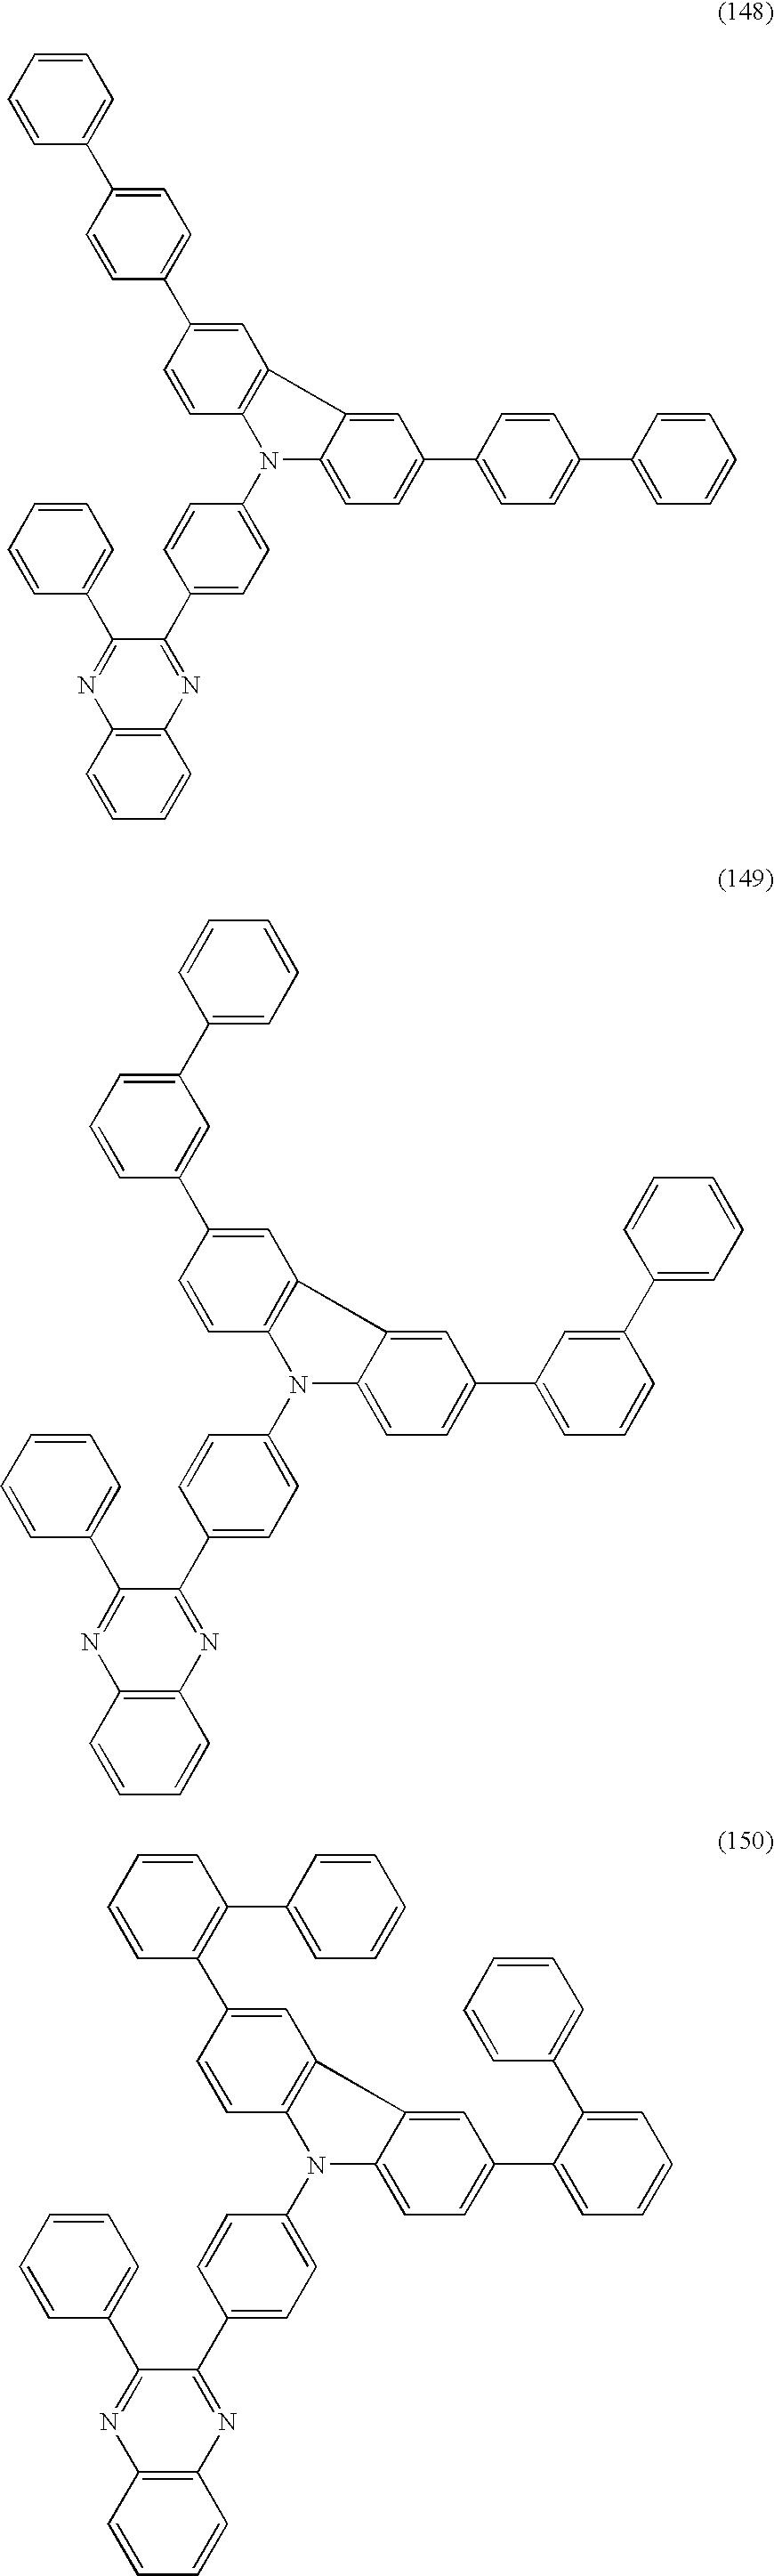 Figure US08178216-20120515-C00052